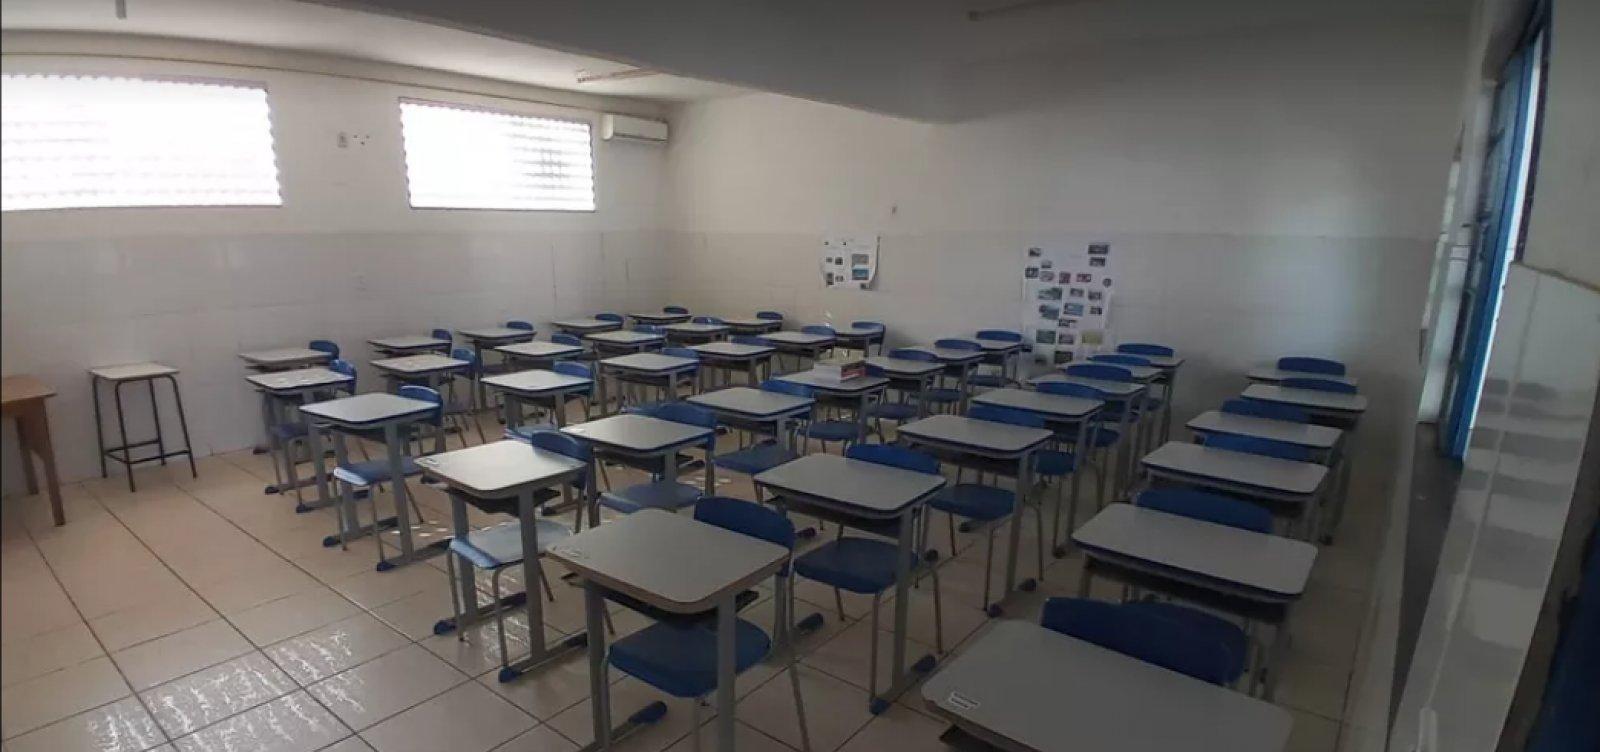 [Retomada de aulas presenciais em Brumado tem baixa adesão de alunos]